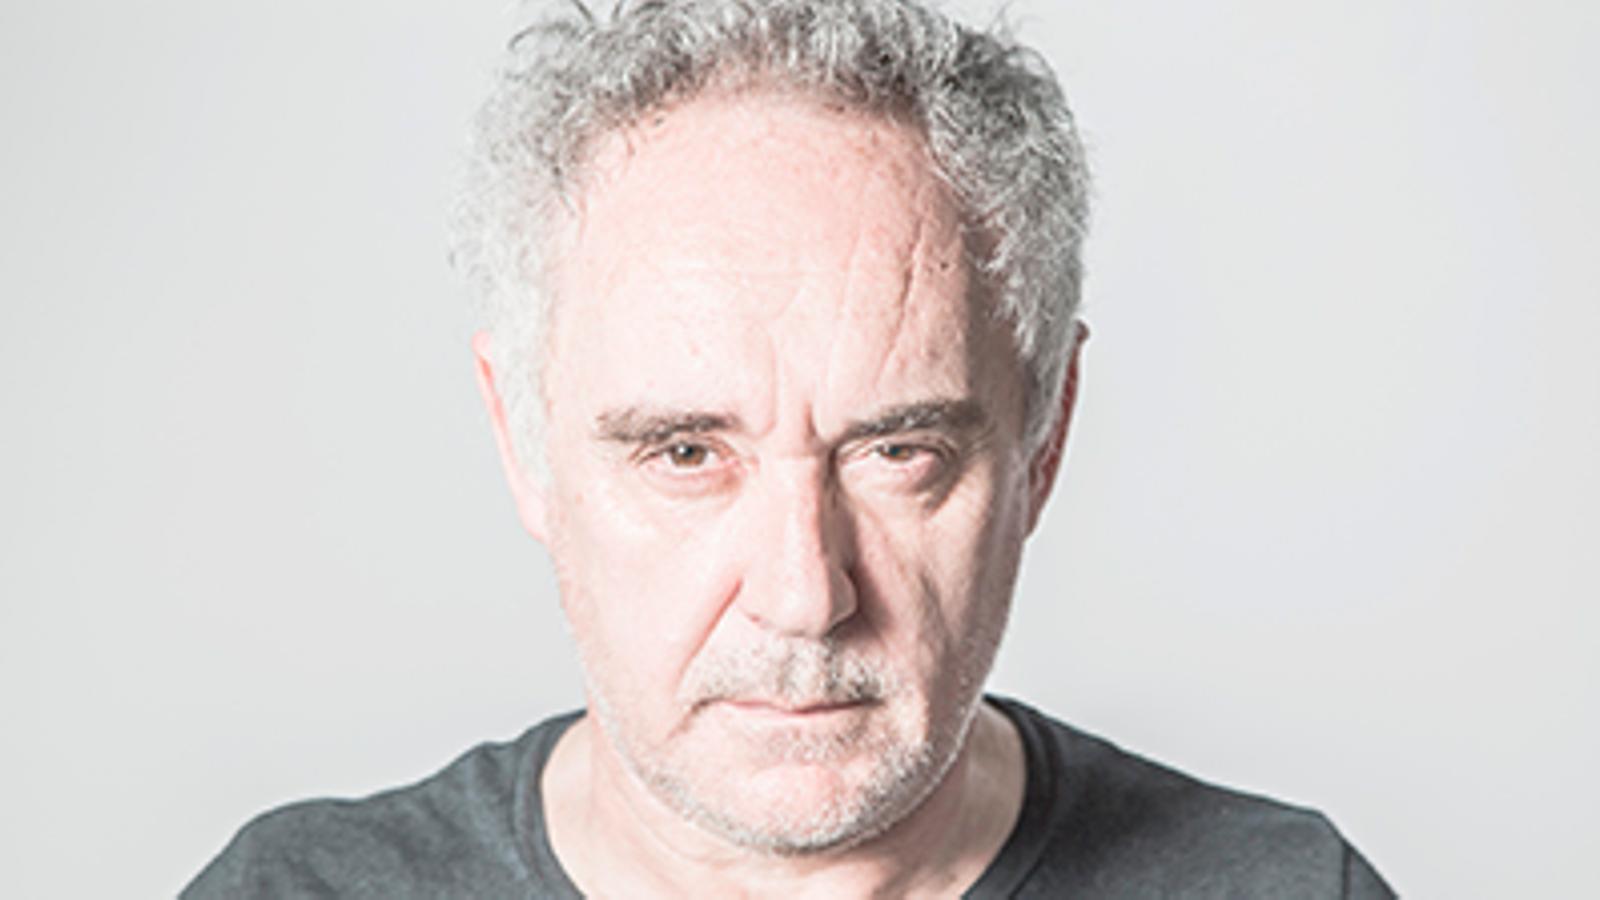 Especial interactiu: Sàpiens, el gran projecte de Ferran Adrià